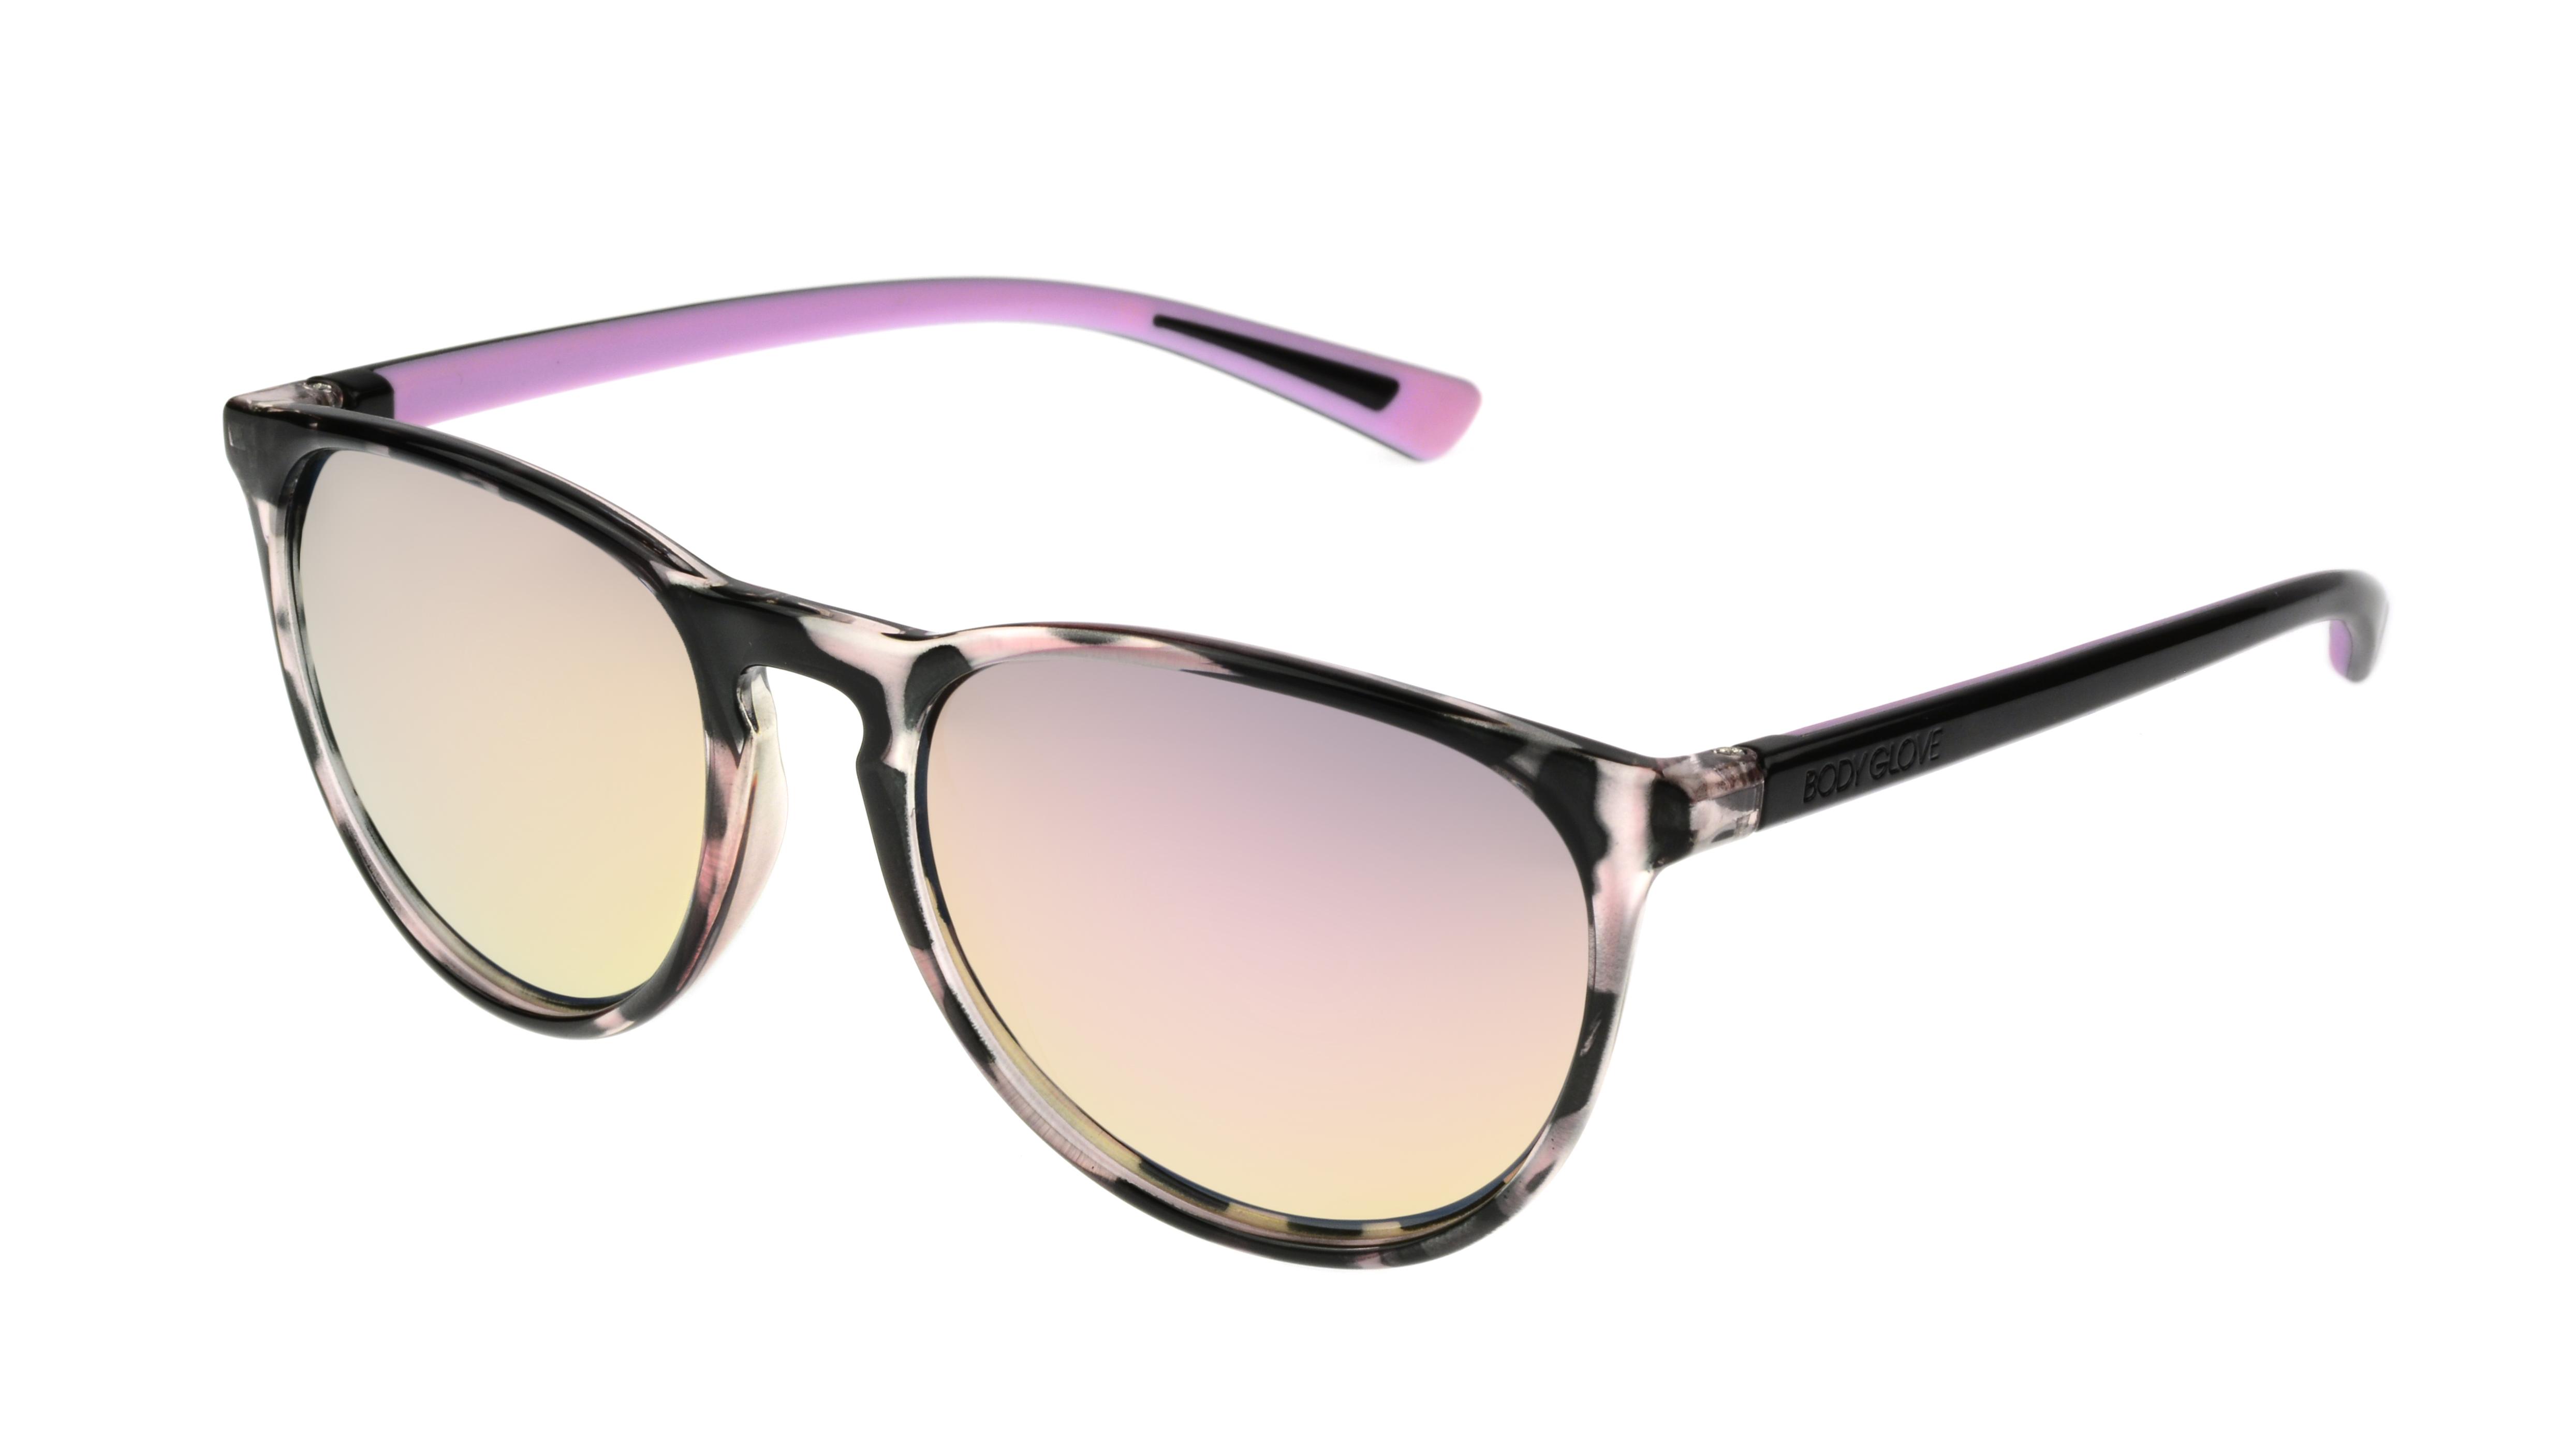 45171307fa9 Body Glove Cloudbreak Sunglasses